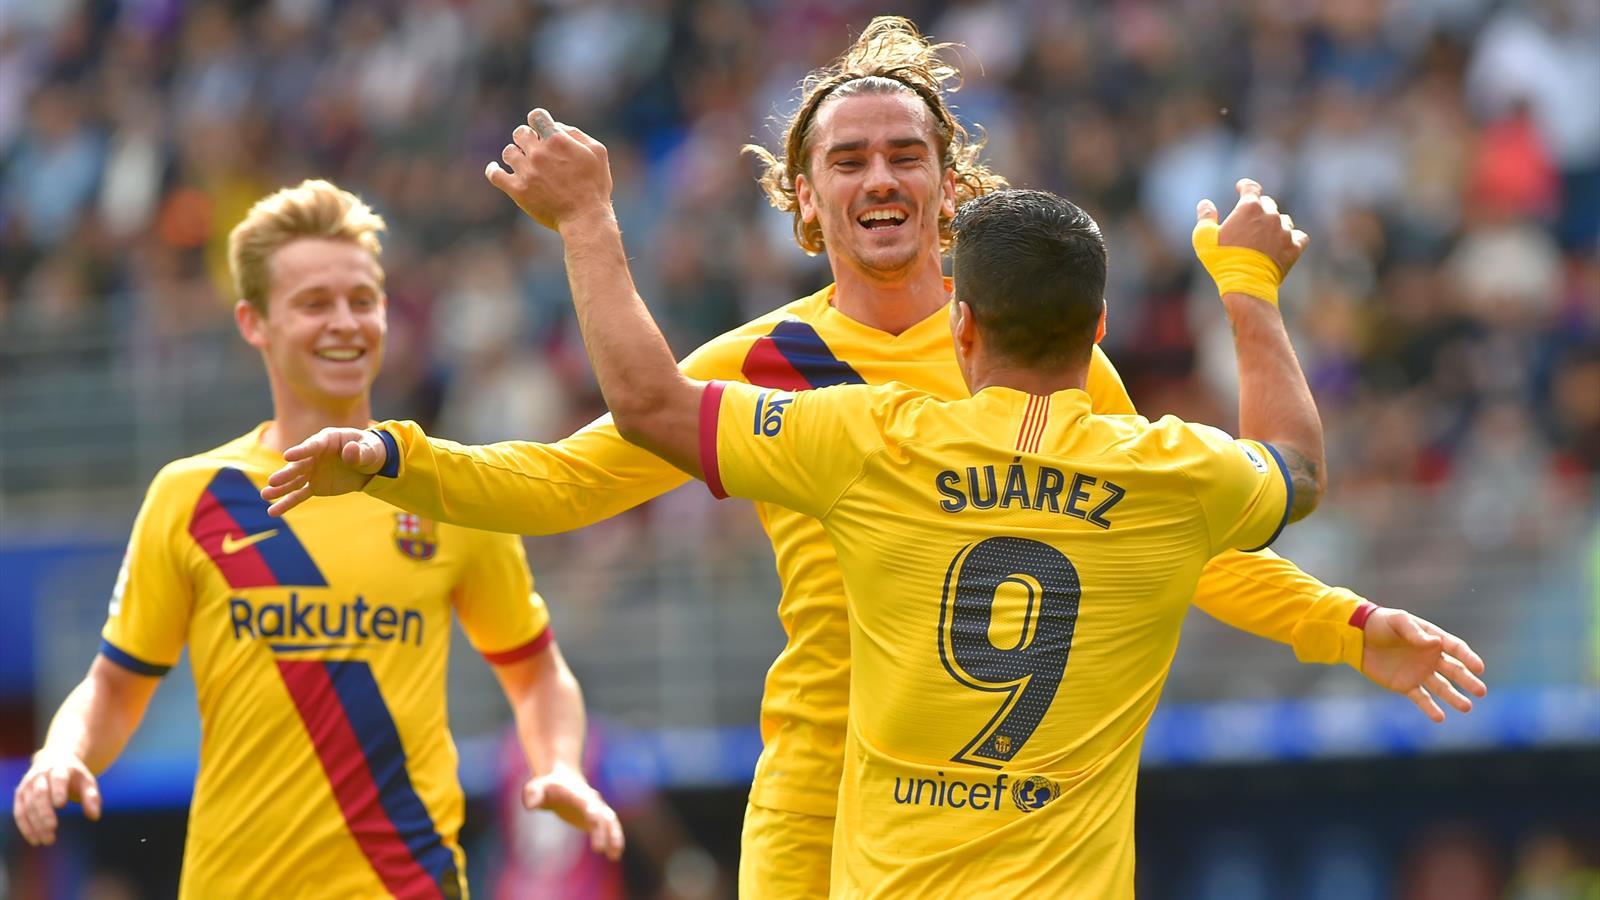 Il Barcellona cala il tris sul campo dell'Eibar: 0-3 siglato Griezmann ...